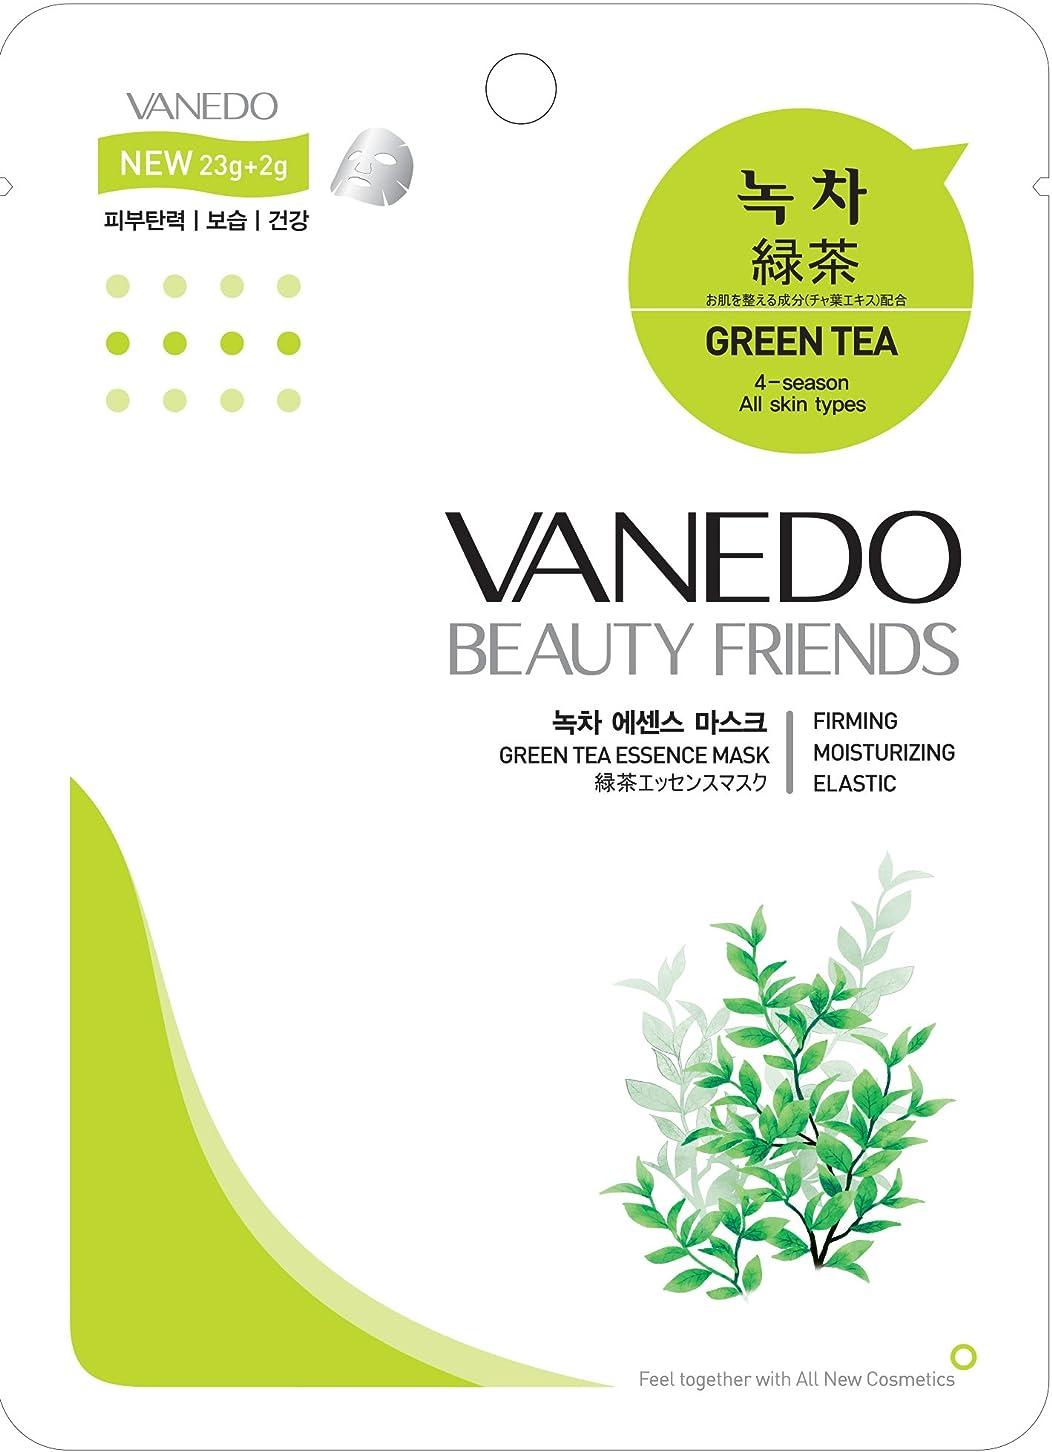 ハンサムフルーツ犠牲【VANEDO】バネド シートマスク 緑茶 10枚セット/エッセンス/保湿/フェイスマスク/フェイスパック/マスクパック/韓国コスメ [メール便]